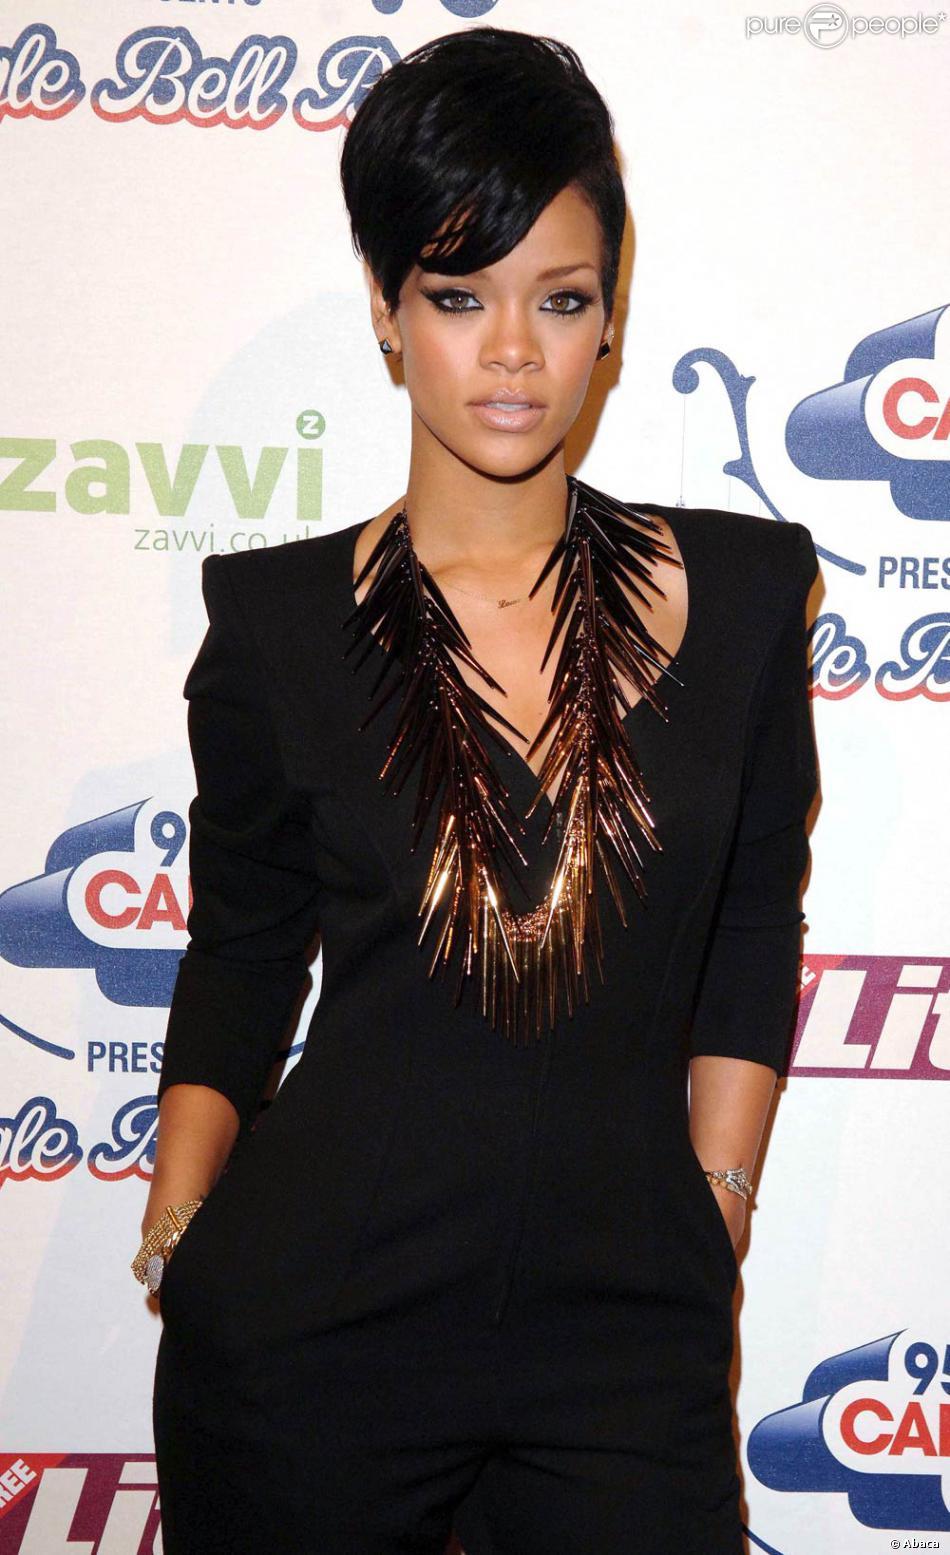 Rihanna, toute simple en robe noire, avec juste un collier comme accessoire  singulier. 7e9af779d6b7